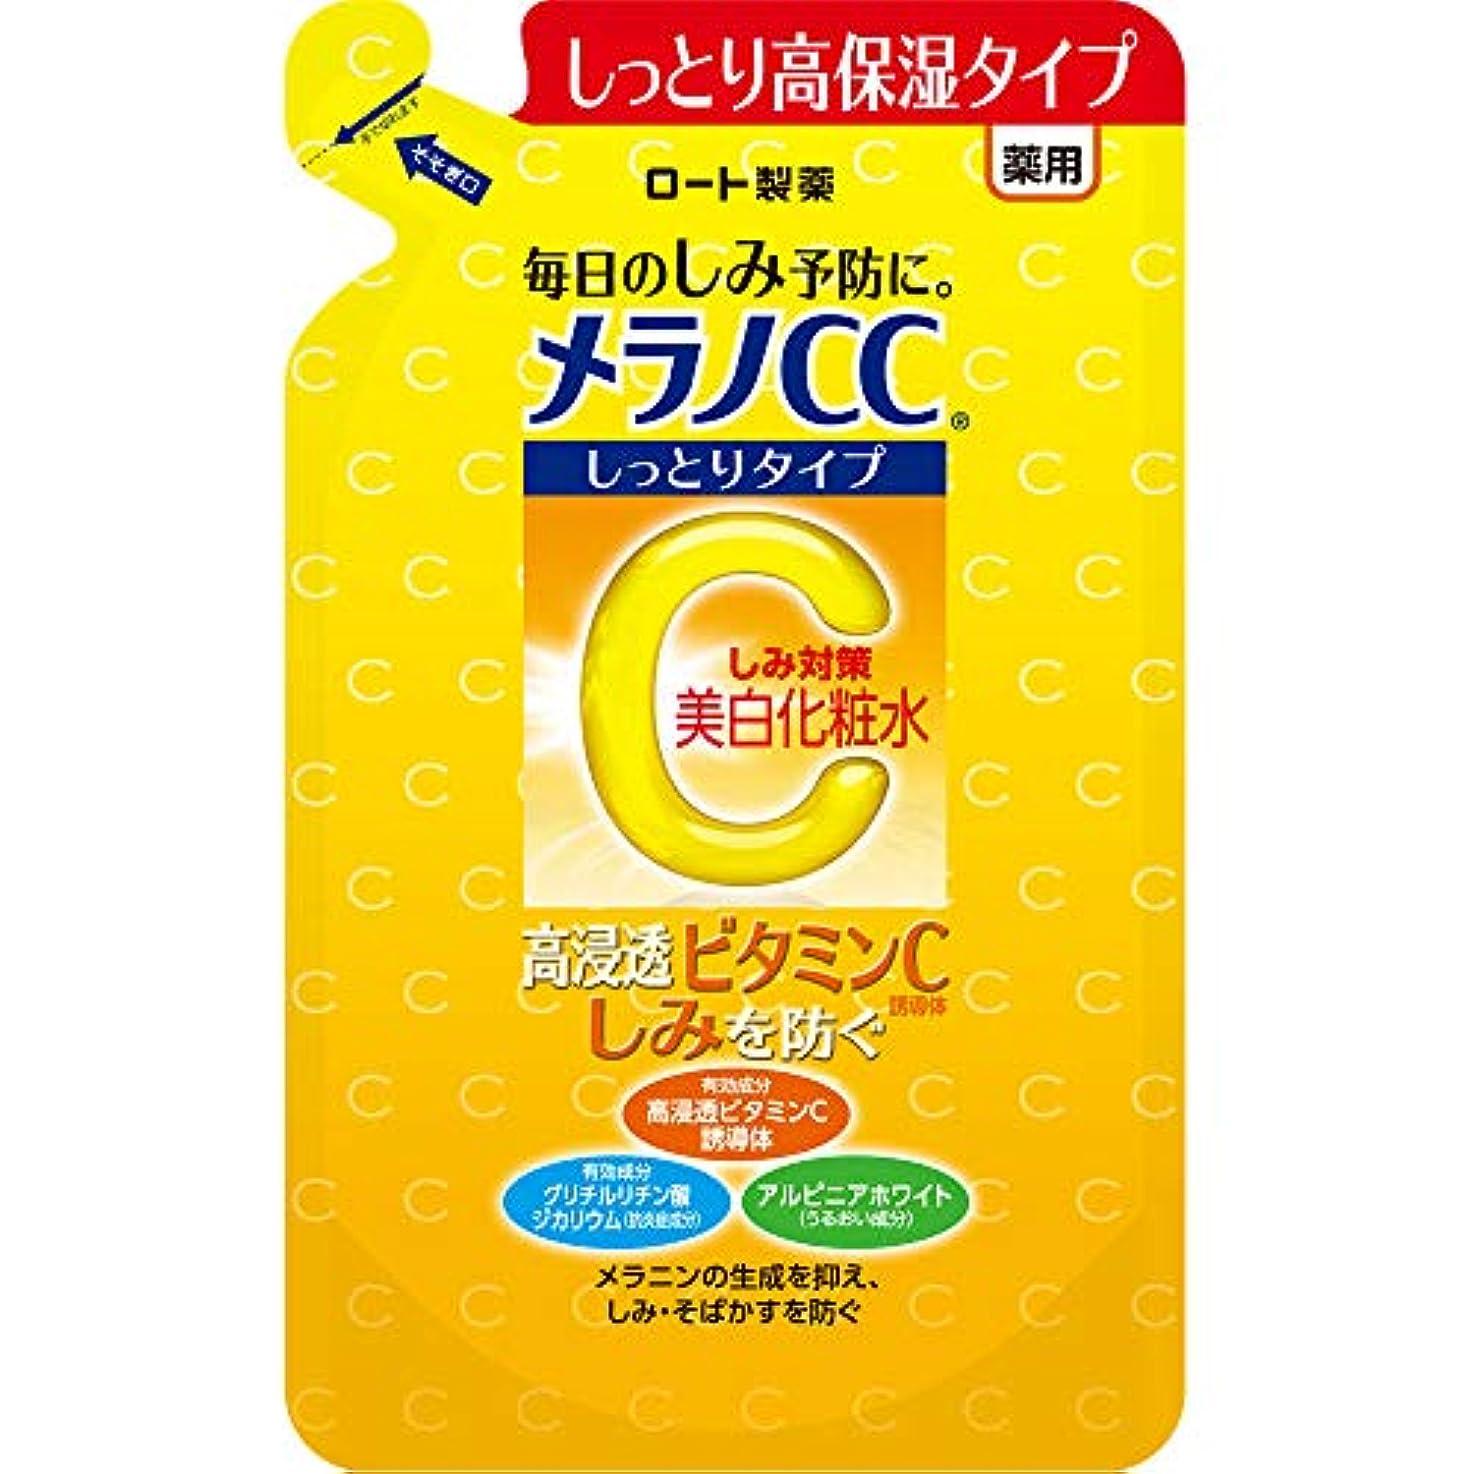 フィードバック最も早いプロトタイプメラノCC 薬用しみ対策美白化粧水 しっとりタイプ つめかえ用 170mL